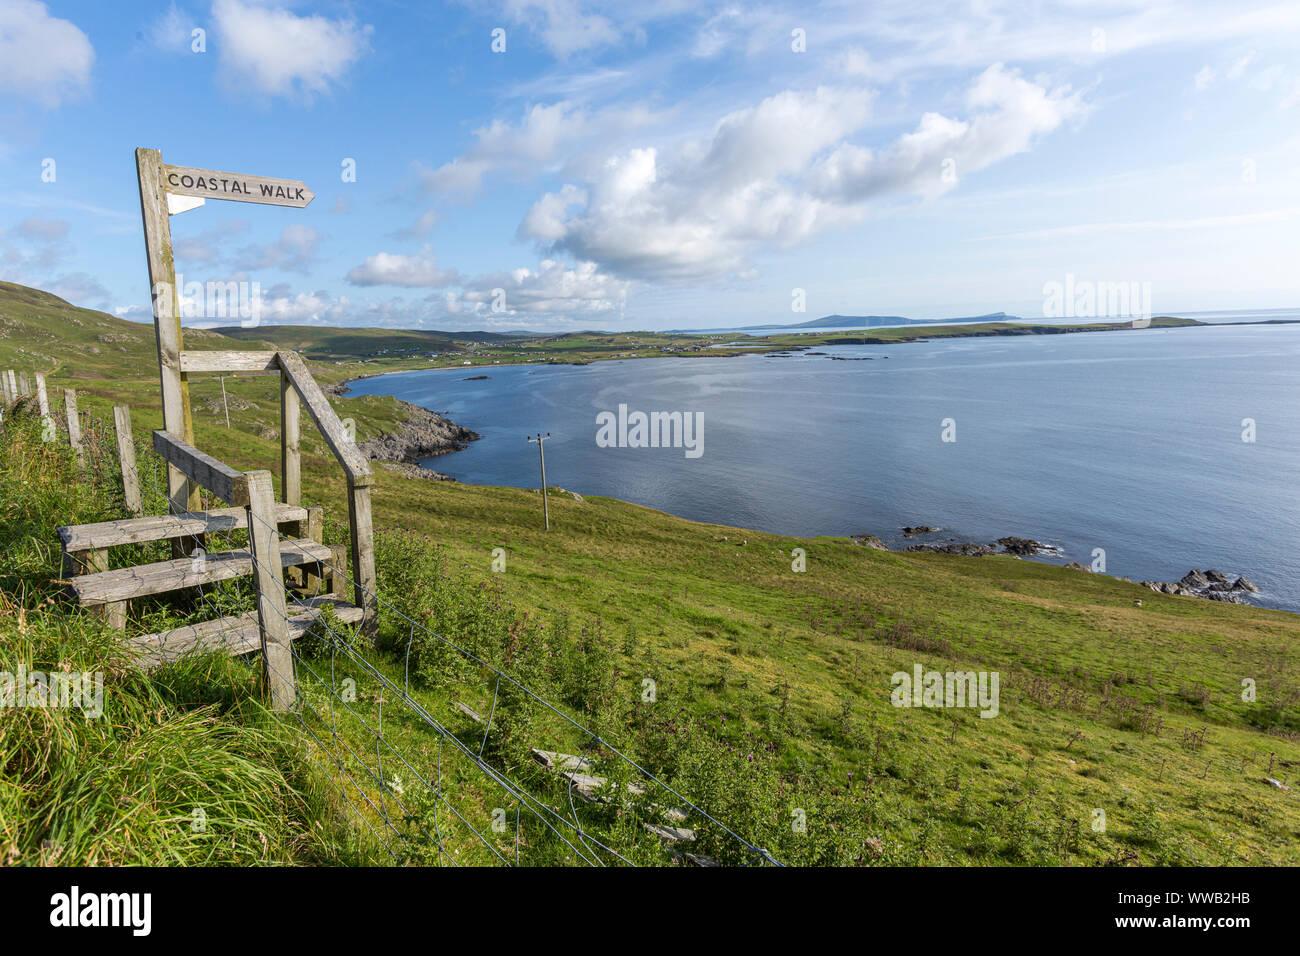 Stile en chemin promenade côtière en continent, Shetland, Scotland, UK Banque D'Images